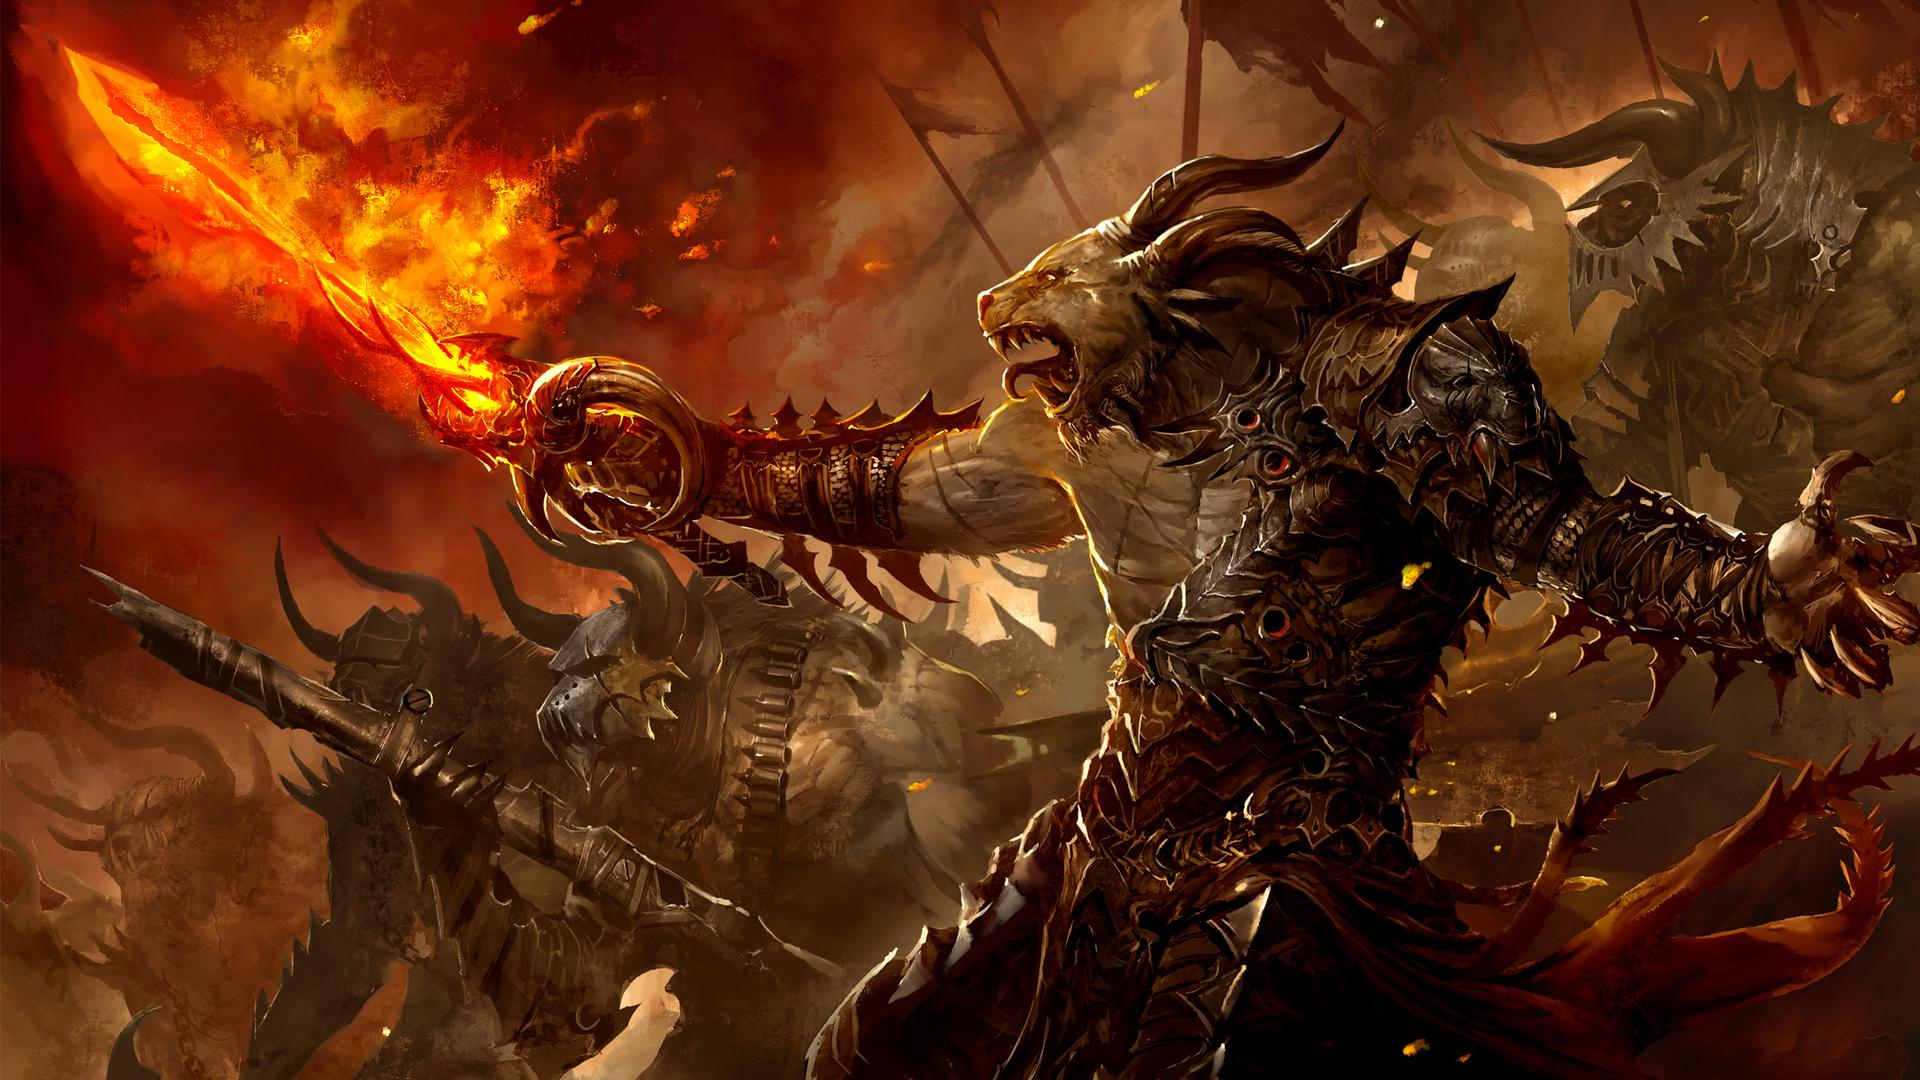 Guild Wars 2 Charr by Artfall